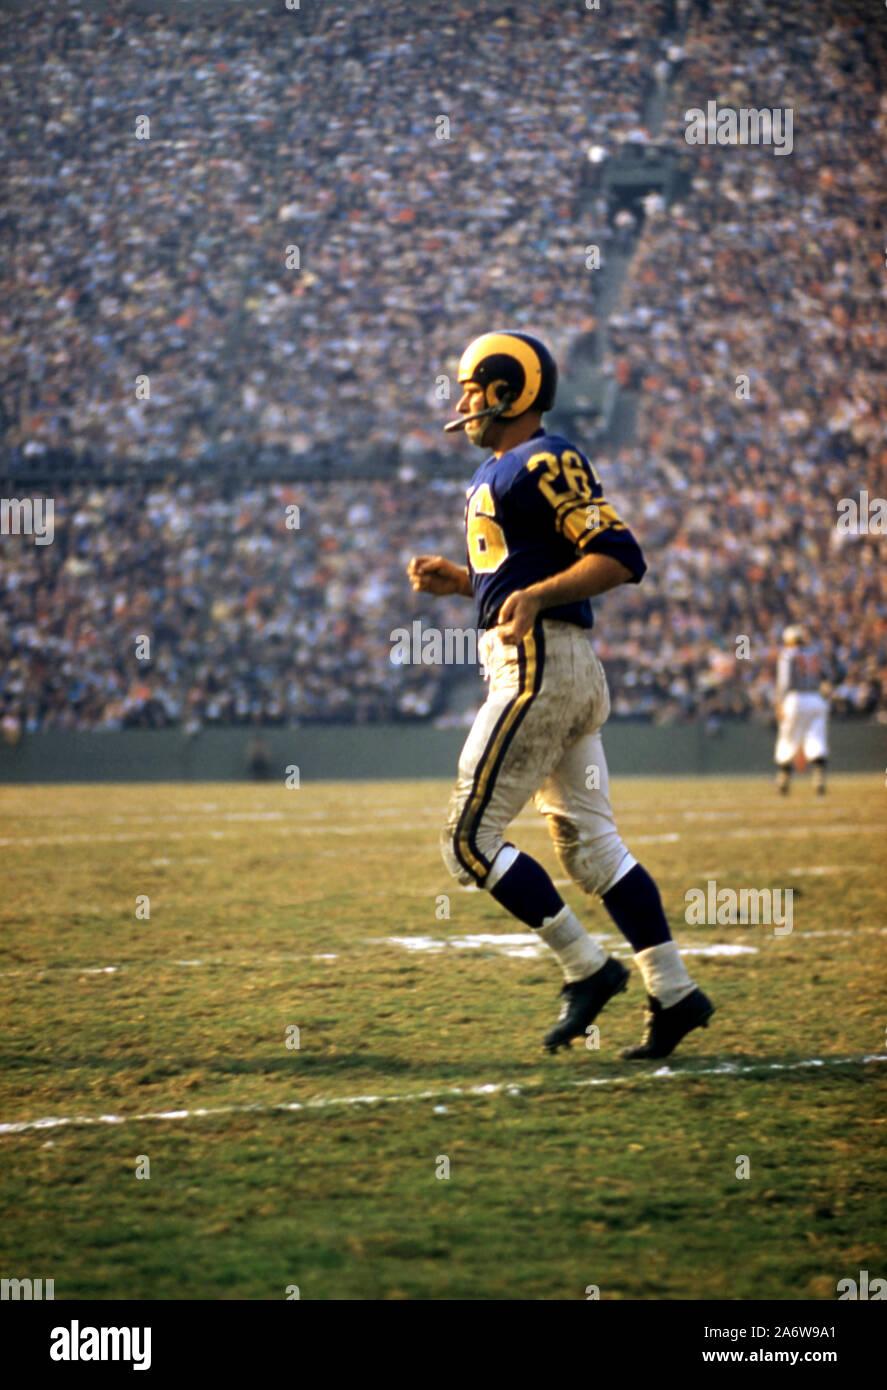 LOS ANGELES, Ca - 10. NOVEMBER: Jon Arnet #26 der Los Angeles Rams läuft aus dem Feld während ein NFL Spiel gegen die San Francisco 49ers am 10. November 1957 auf der Los Angeles Memorial Coliseum Los Angeles, Kalifornien. (Foto von Hy Peskin) Stockfoto